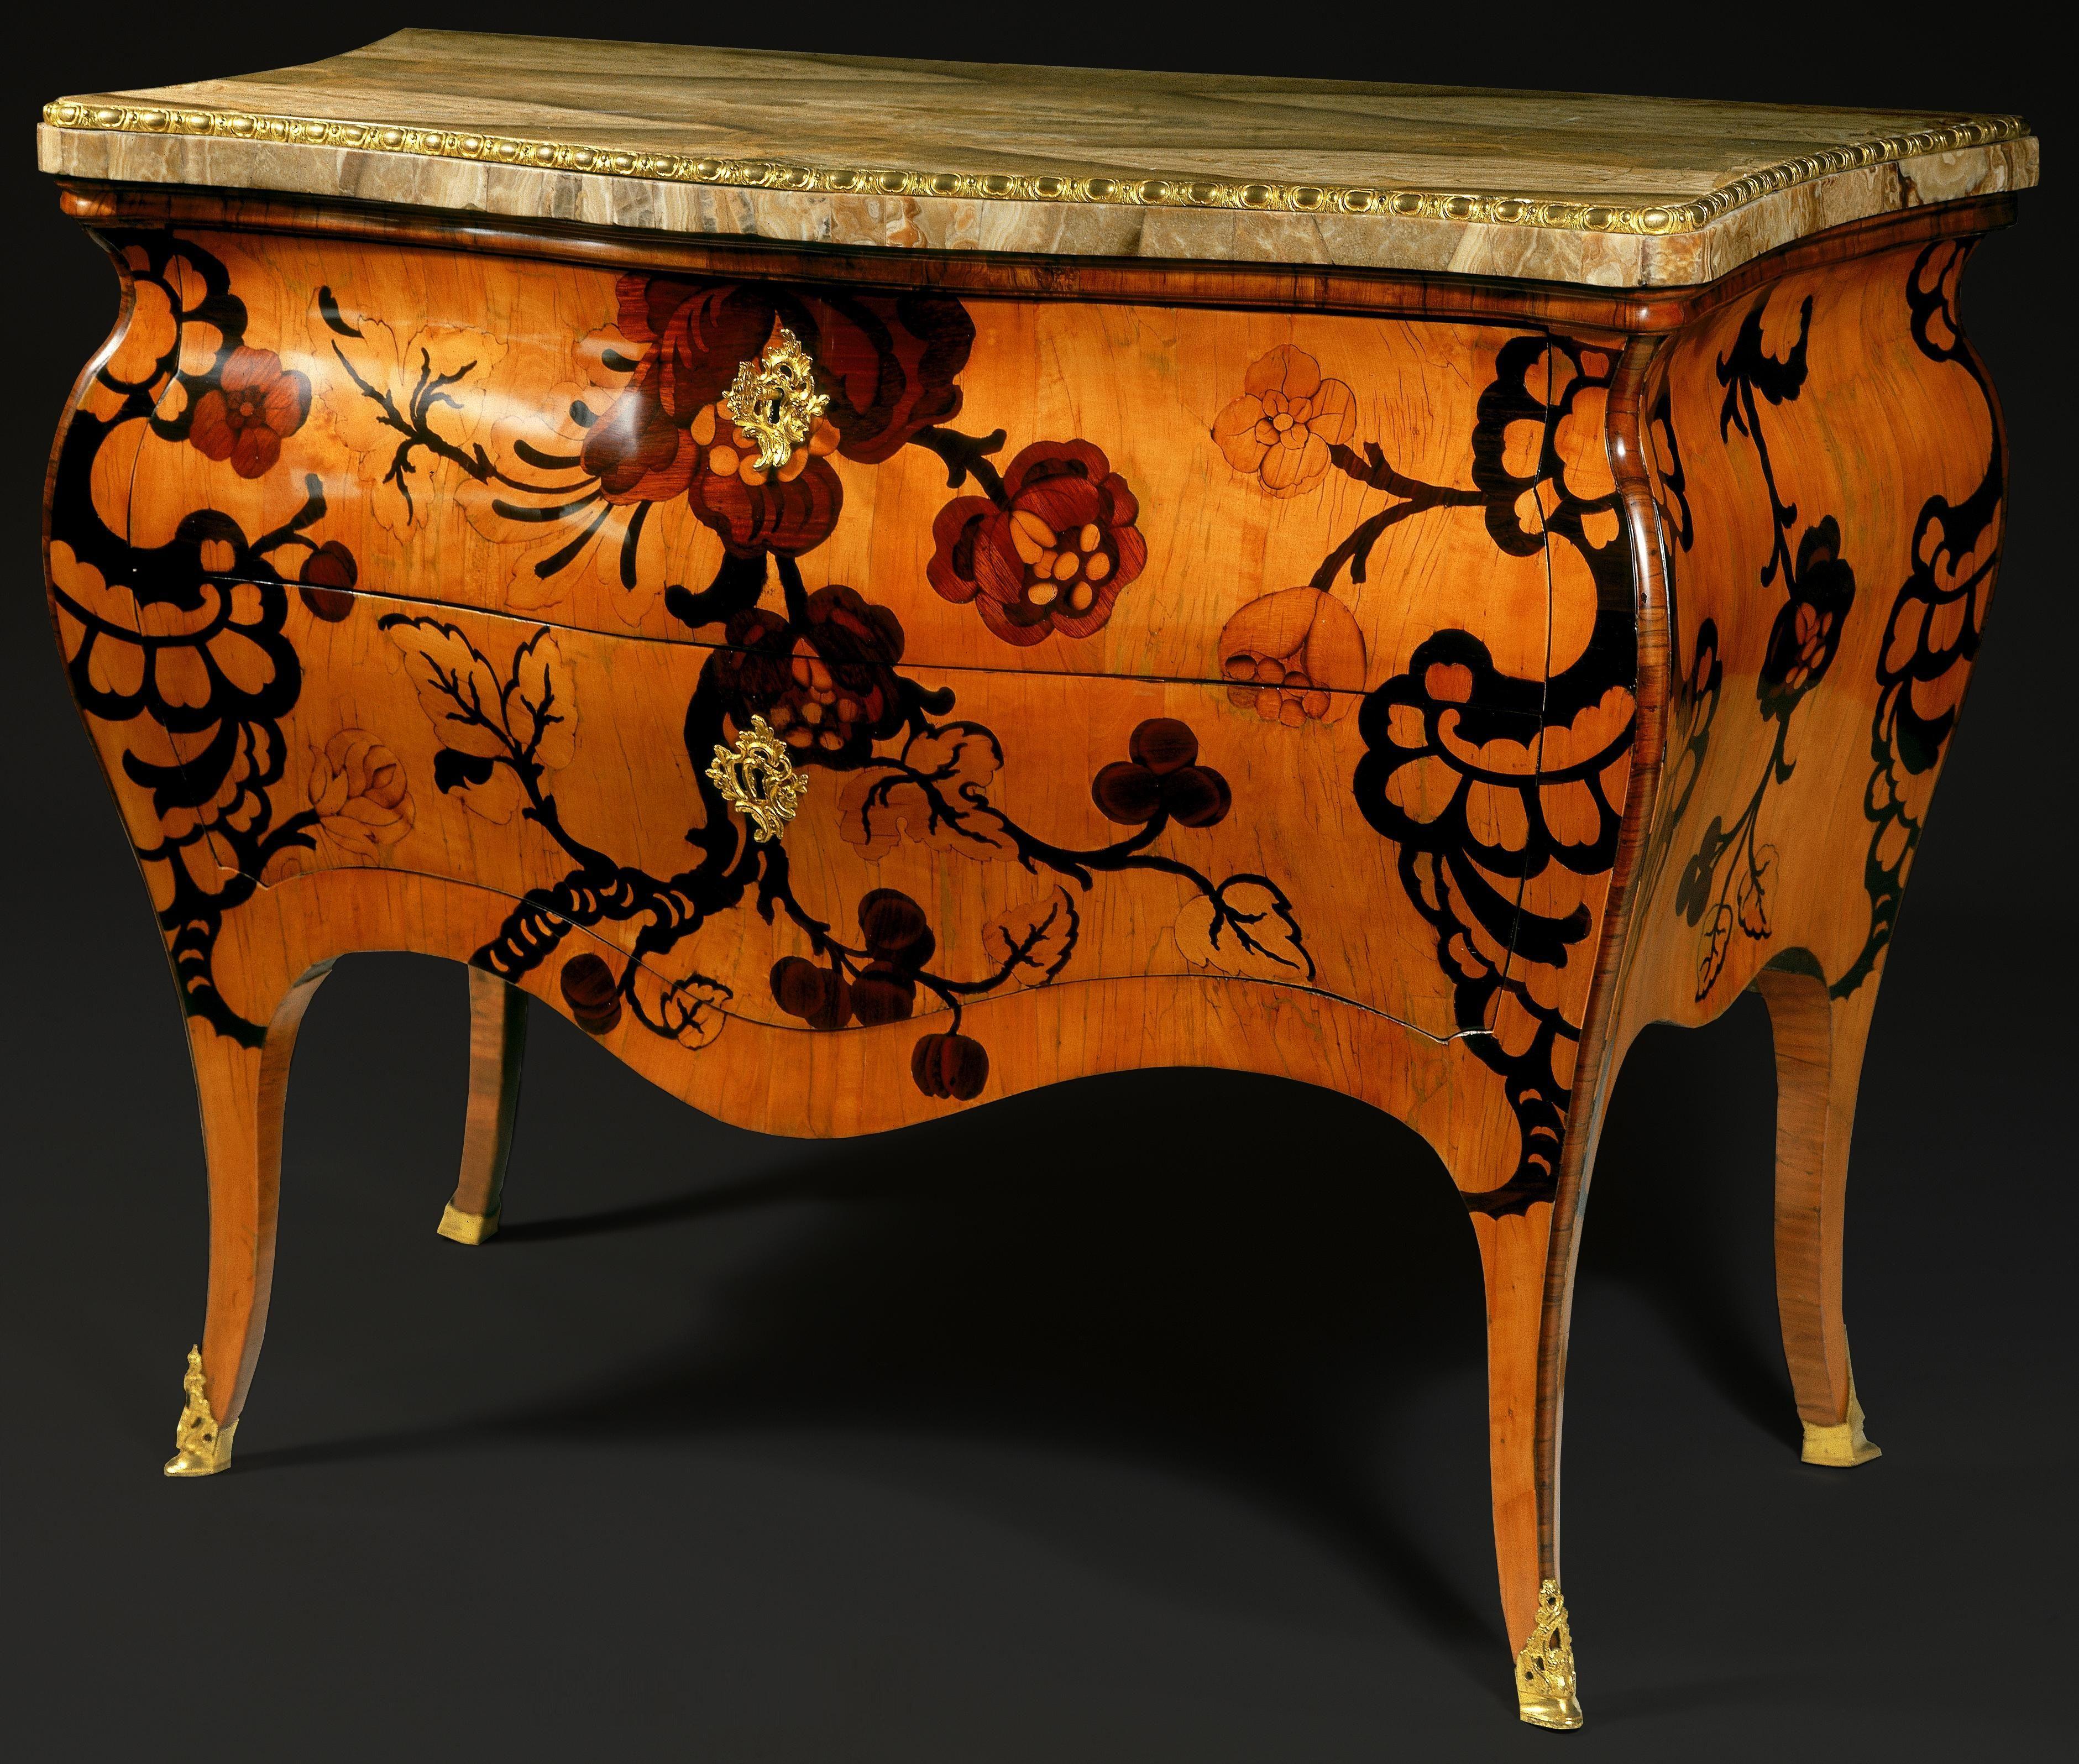 Estilos de muebles antiguos affordable tasar mueble antiguo with estilos de muebles antiguos - Como tasar muebles antiguos ...